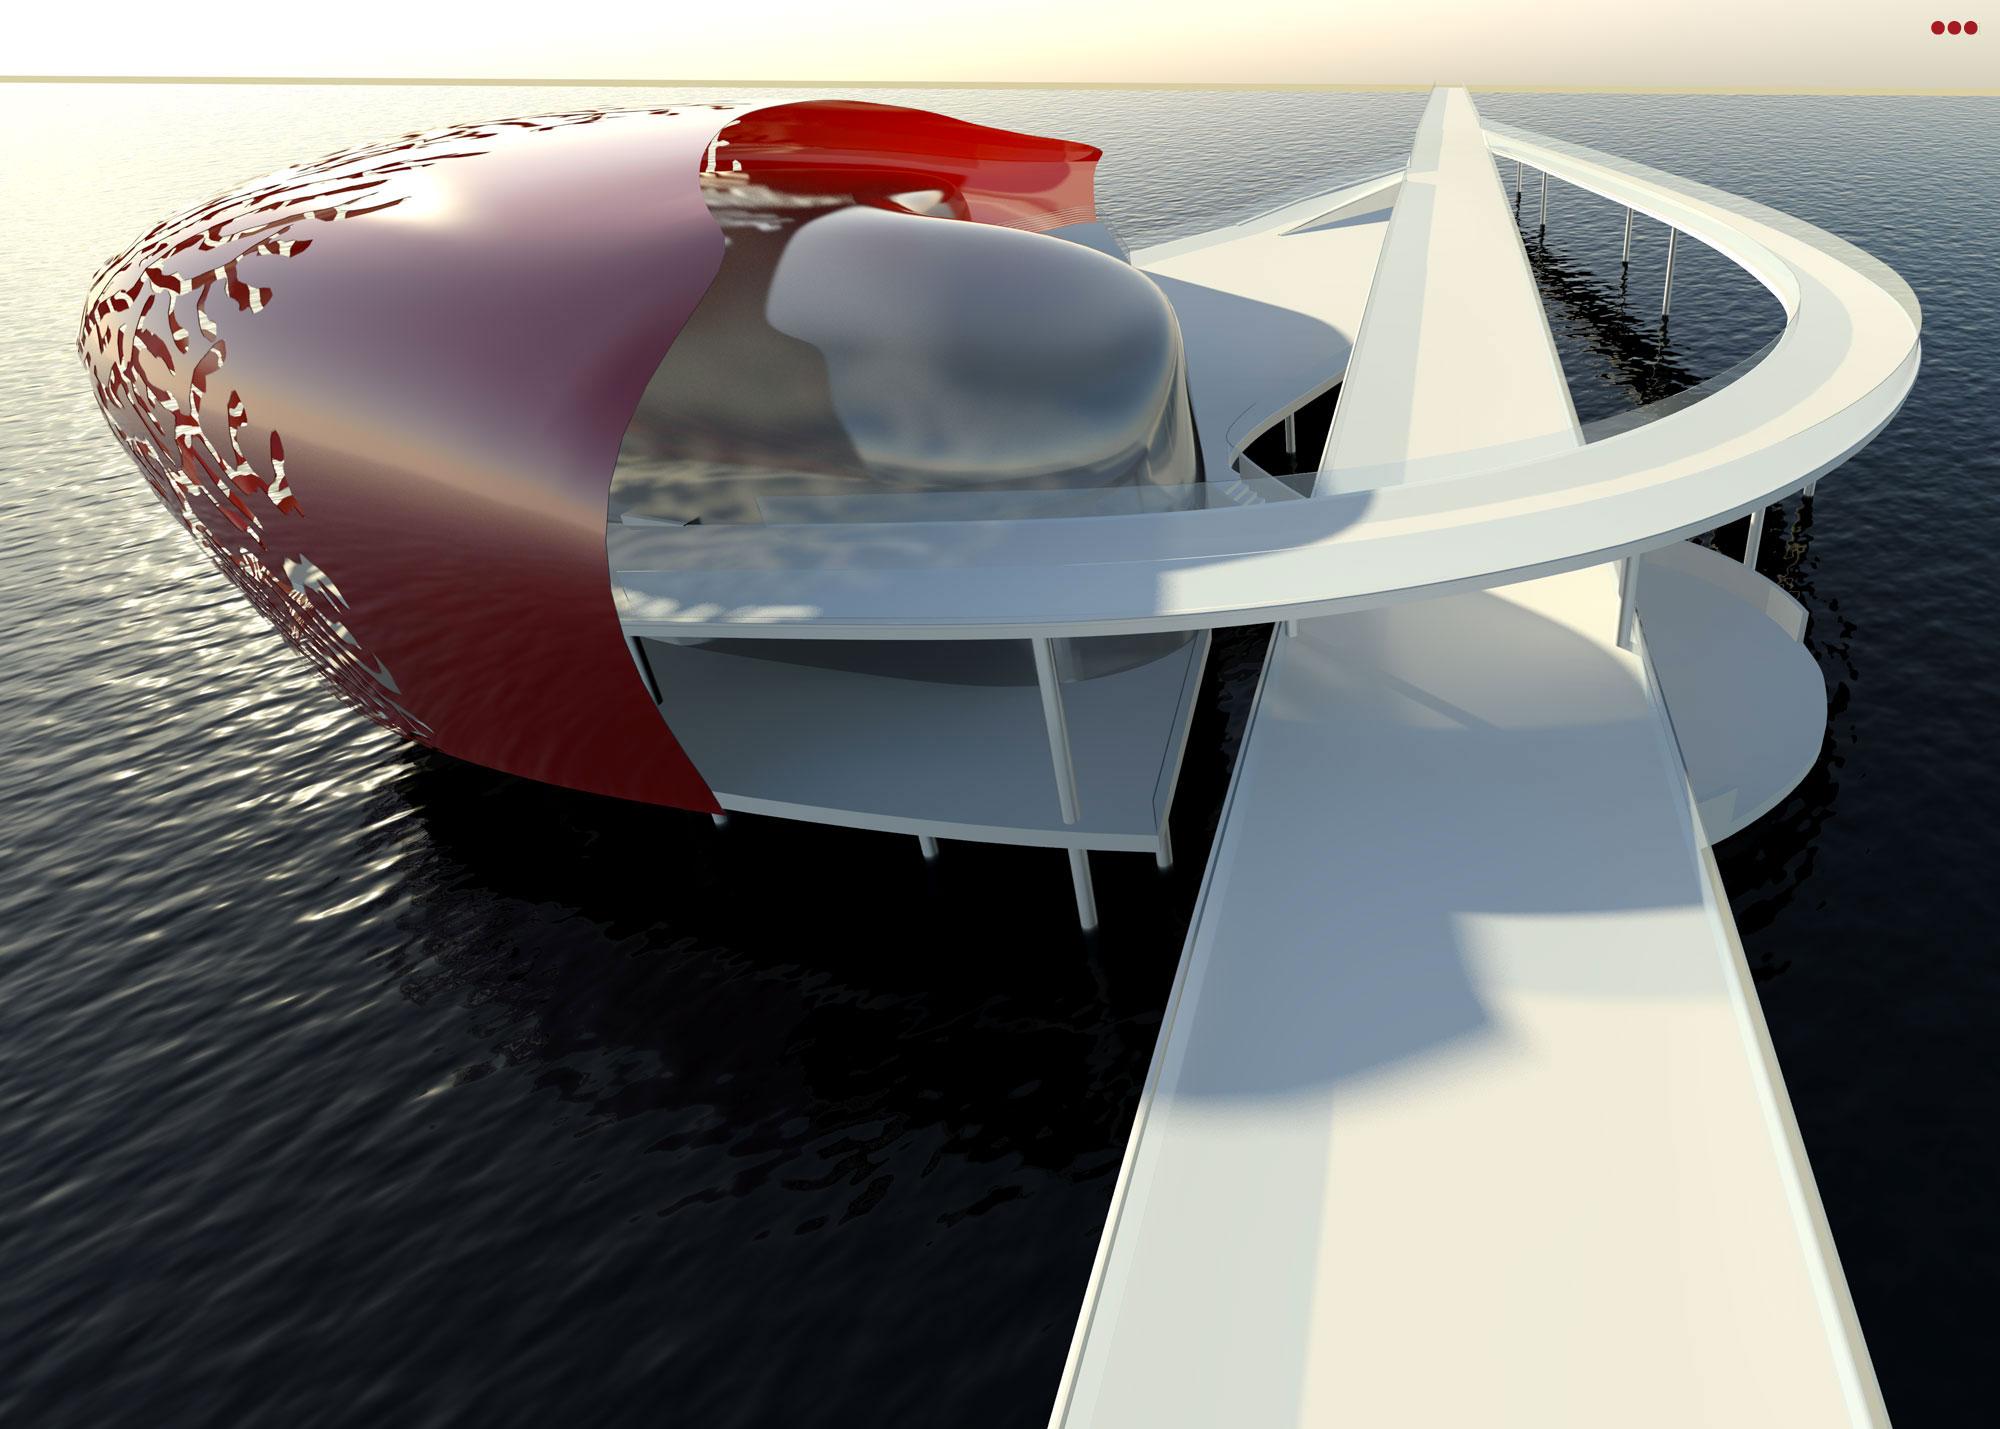 Surdio Bartolini progetto isola porto canale cattolica rimini grafica rendering modeling 3d 6